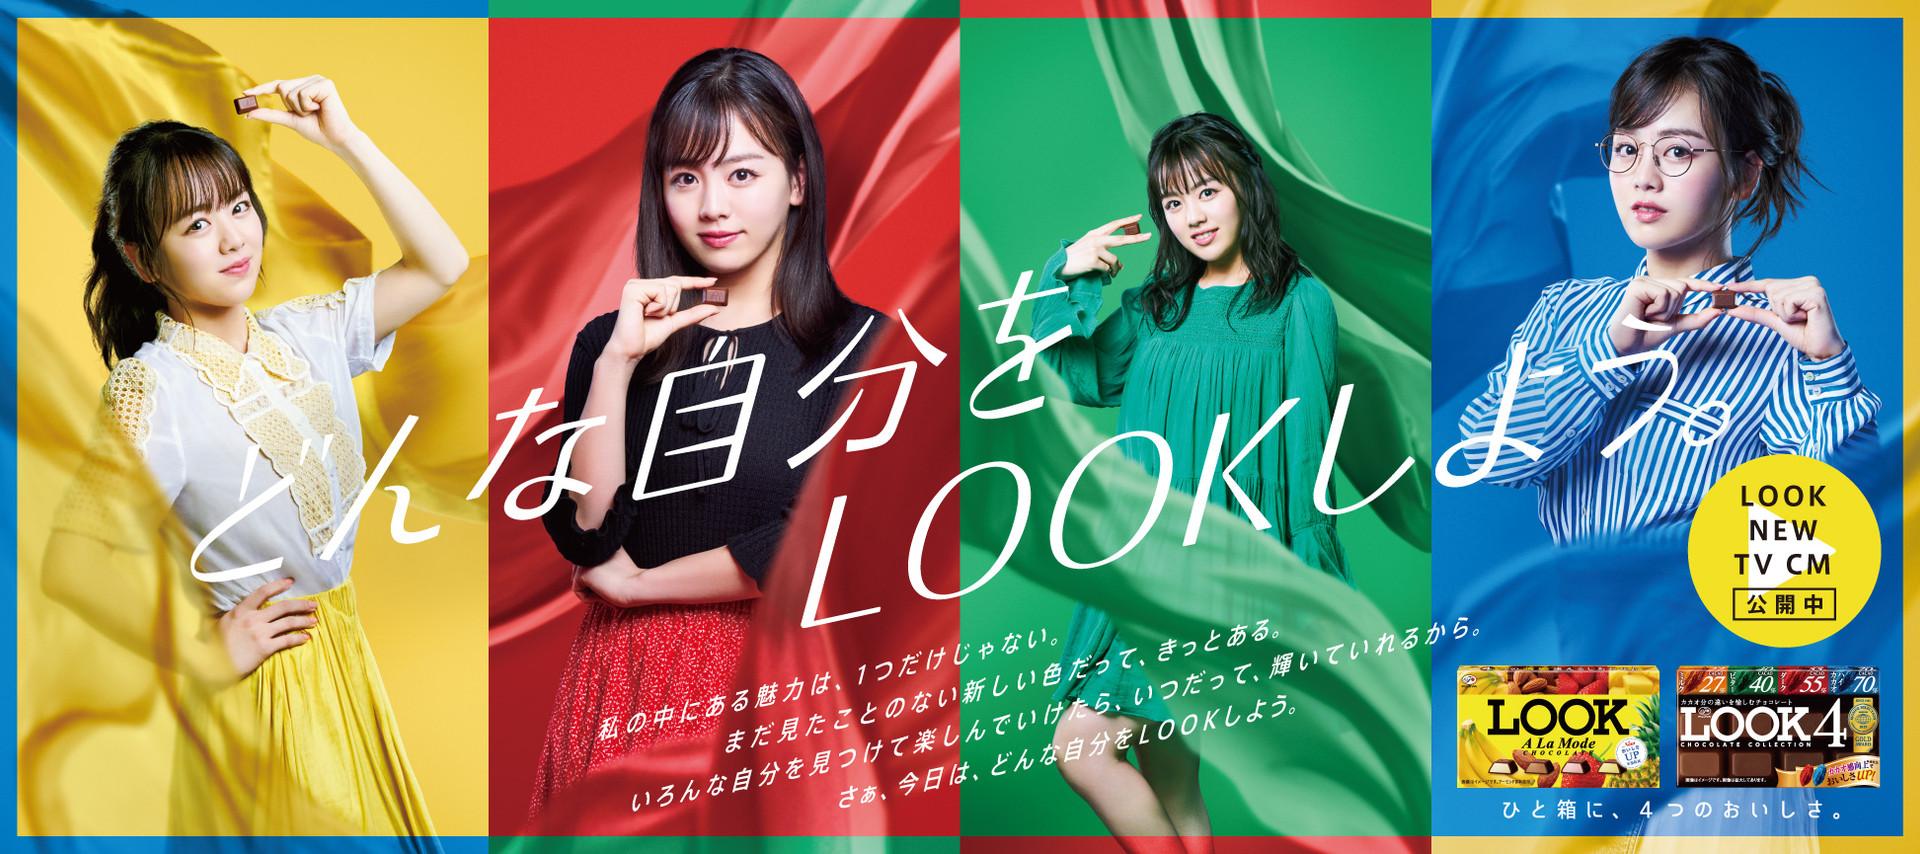 LOOK_web_3.jpg